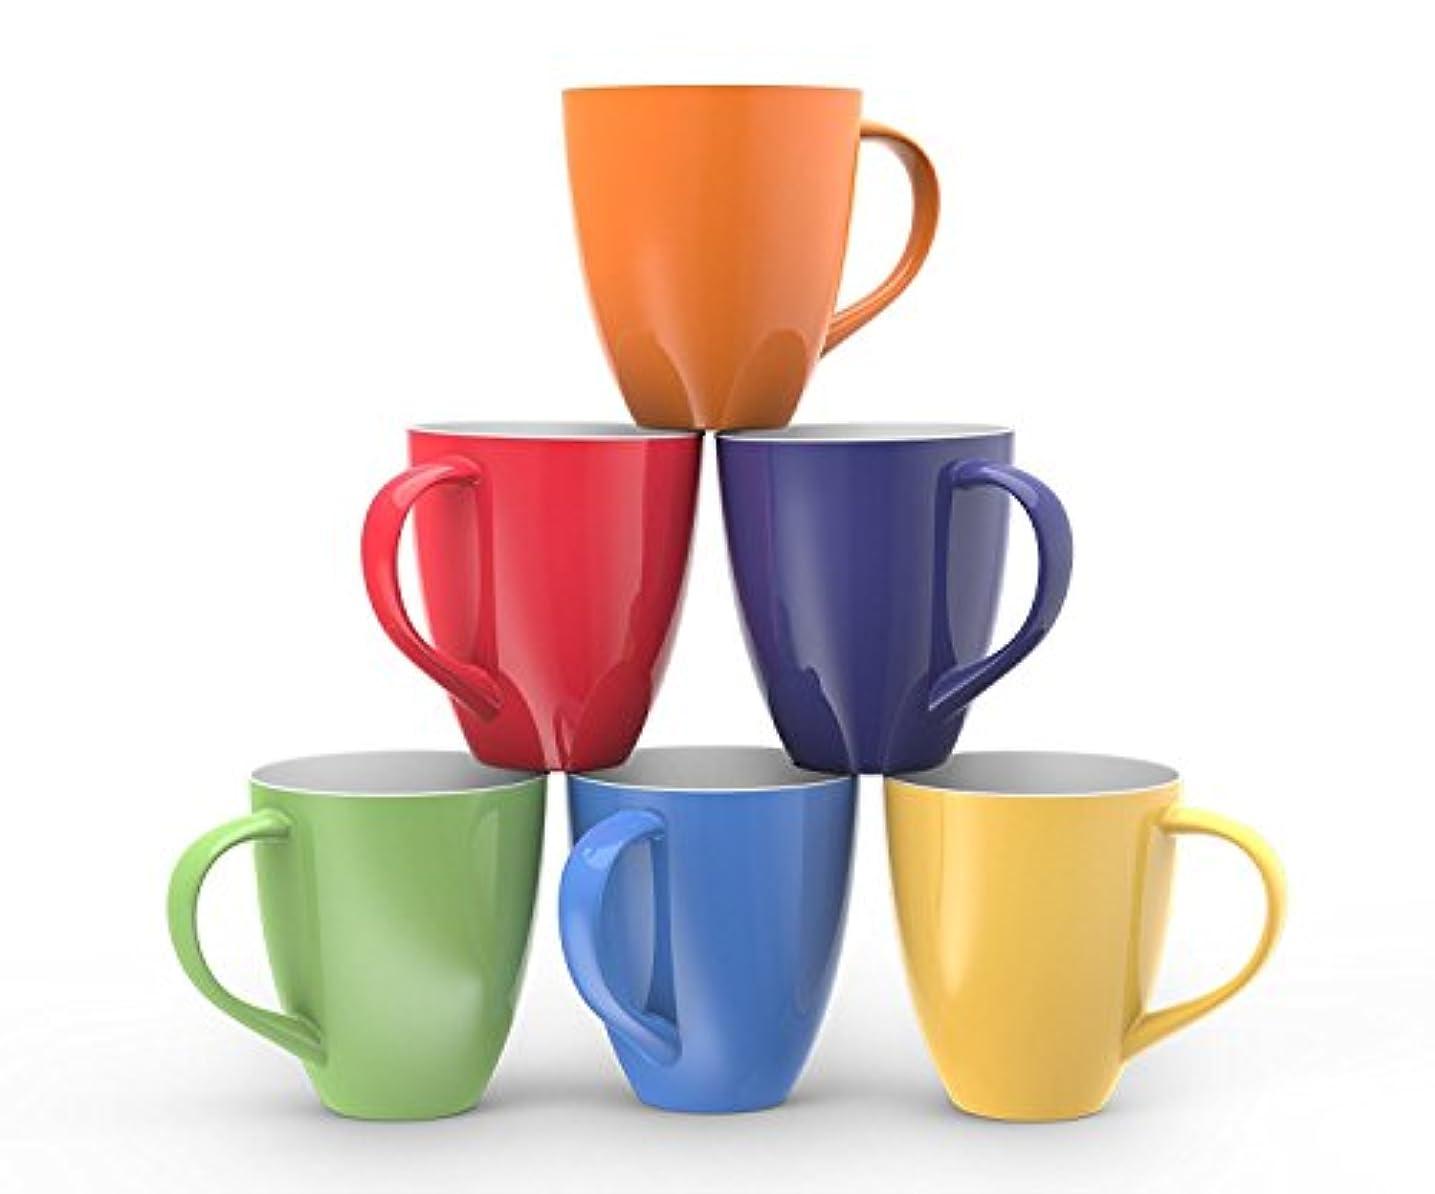 感謝する真珠のような忠実なFrancois et Mimi Set of 6 Large-sized 16 Ounce Ceramic Coffee Mugs (Solid Colorful) by Francois et Mimi